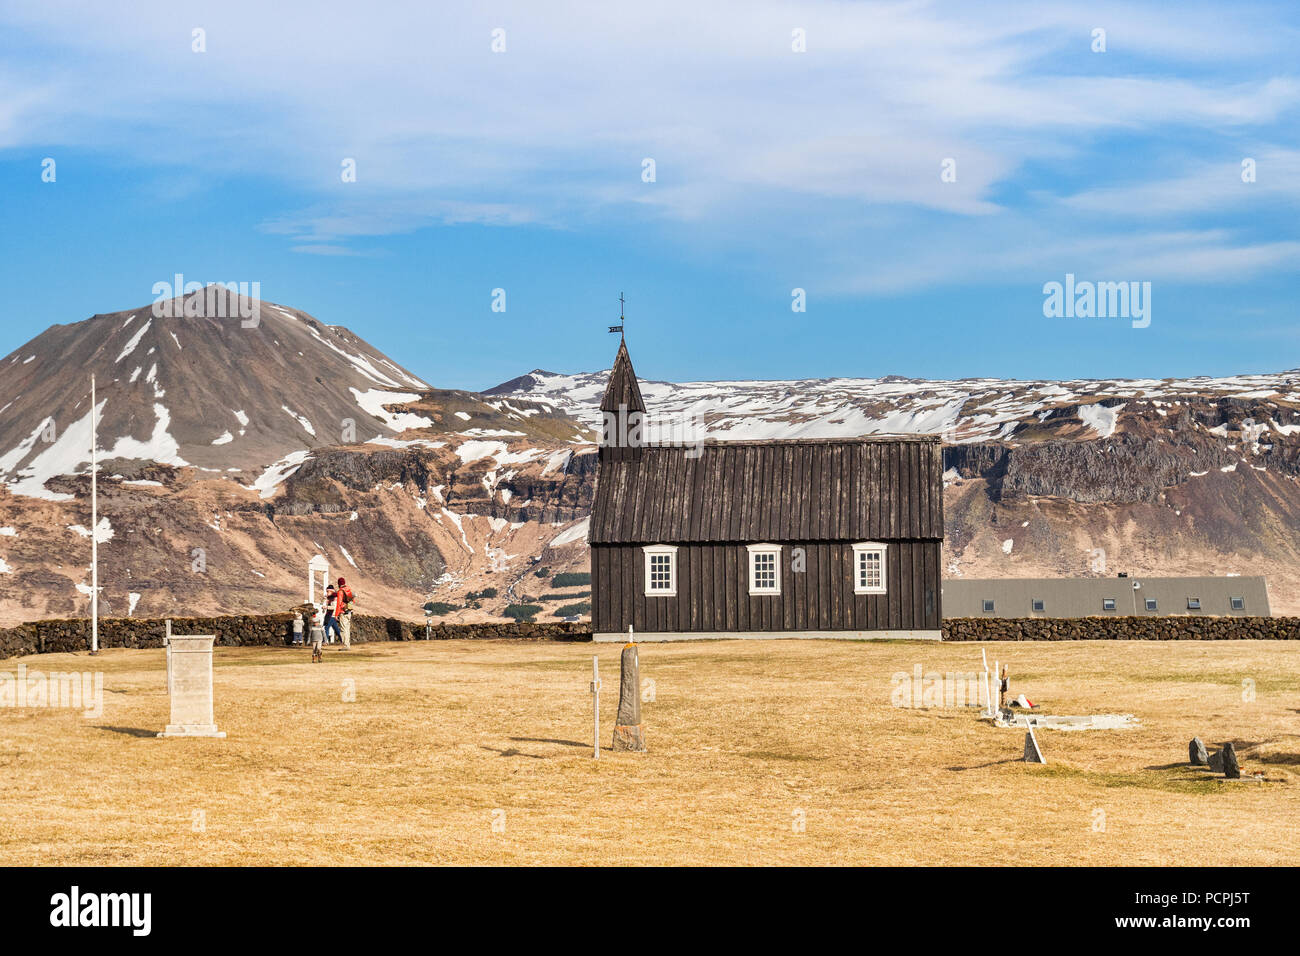 16 avril 2018: Budir, Péninsule de Snæfellsnes, à l'ouest de l'Islande - La petite Eglise Noire, et une famille de touristes. Photo Stock